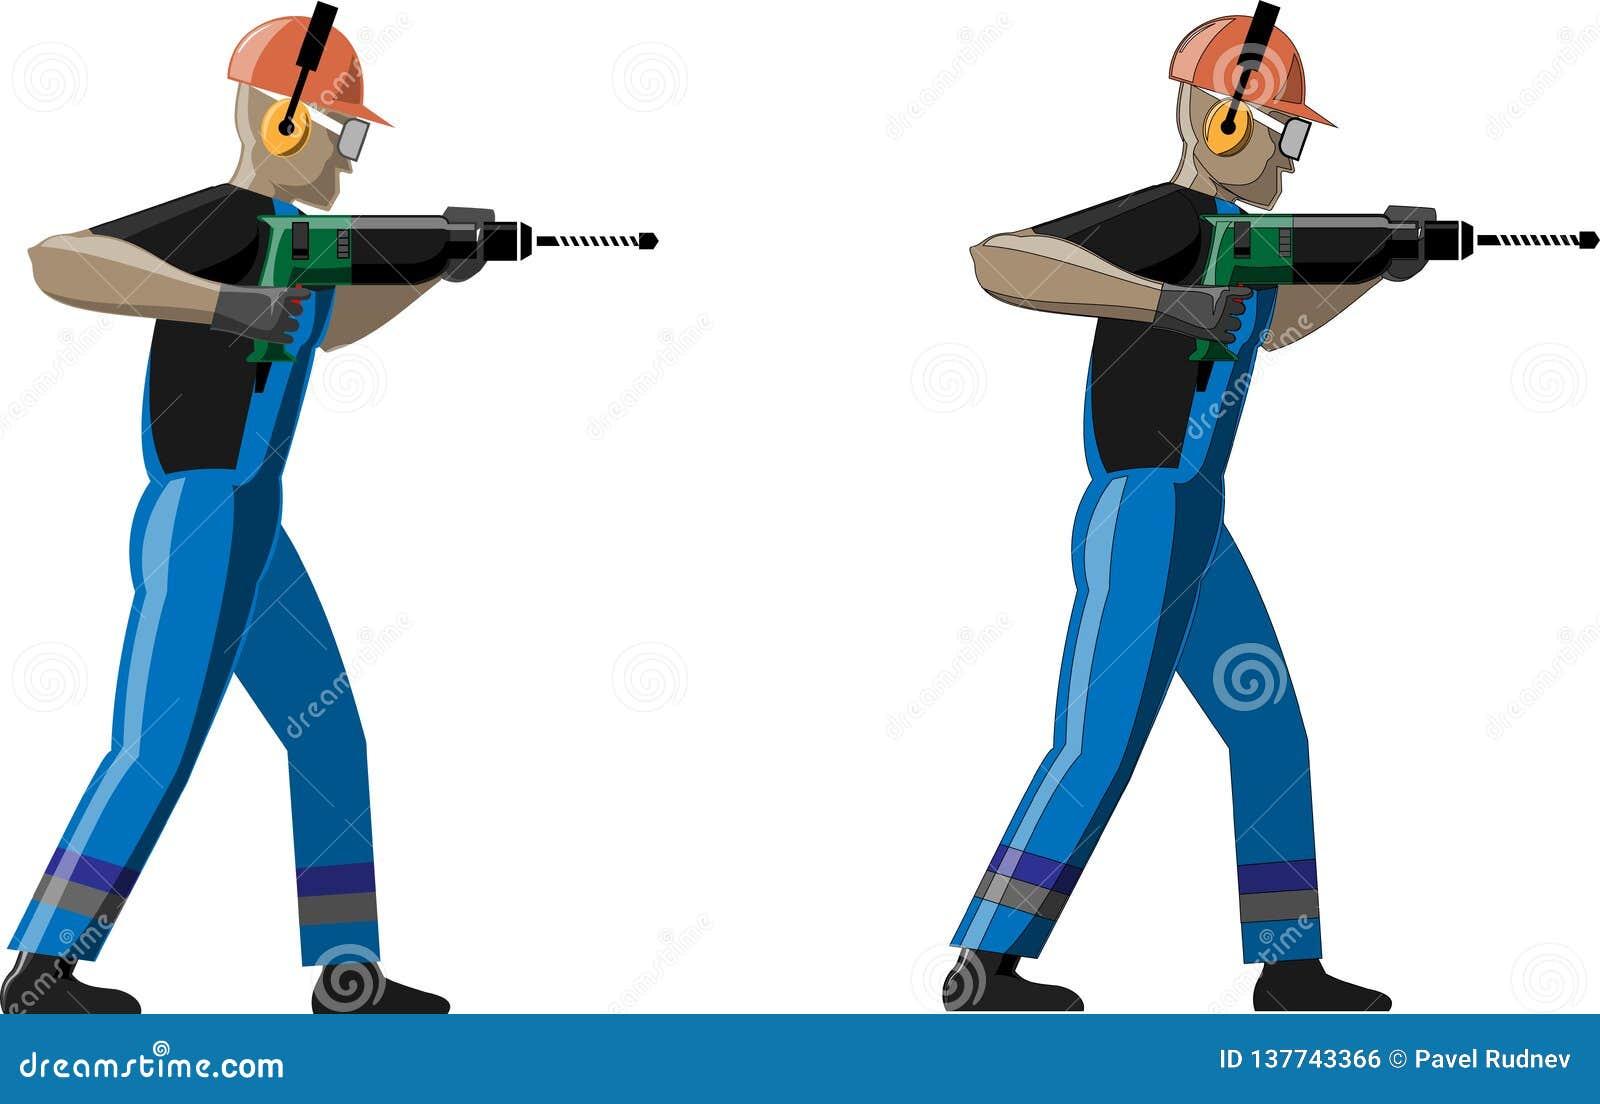 Vector Illustration Hammer: Worker With Hammer Drill. Vector Illustration